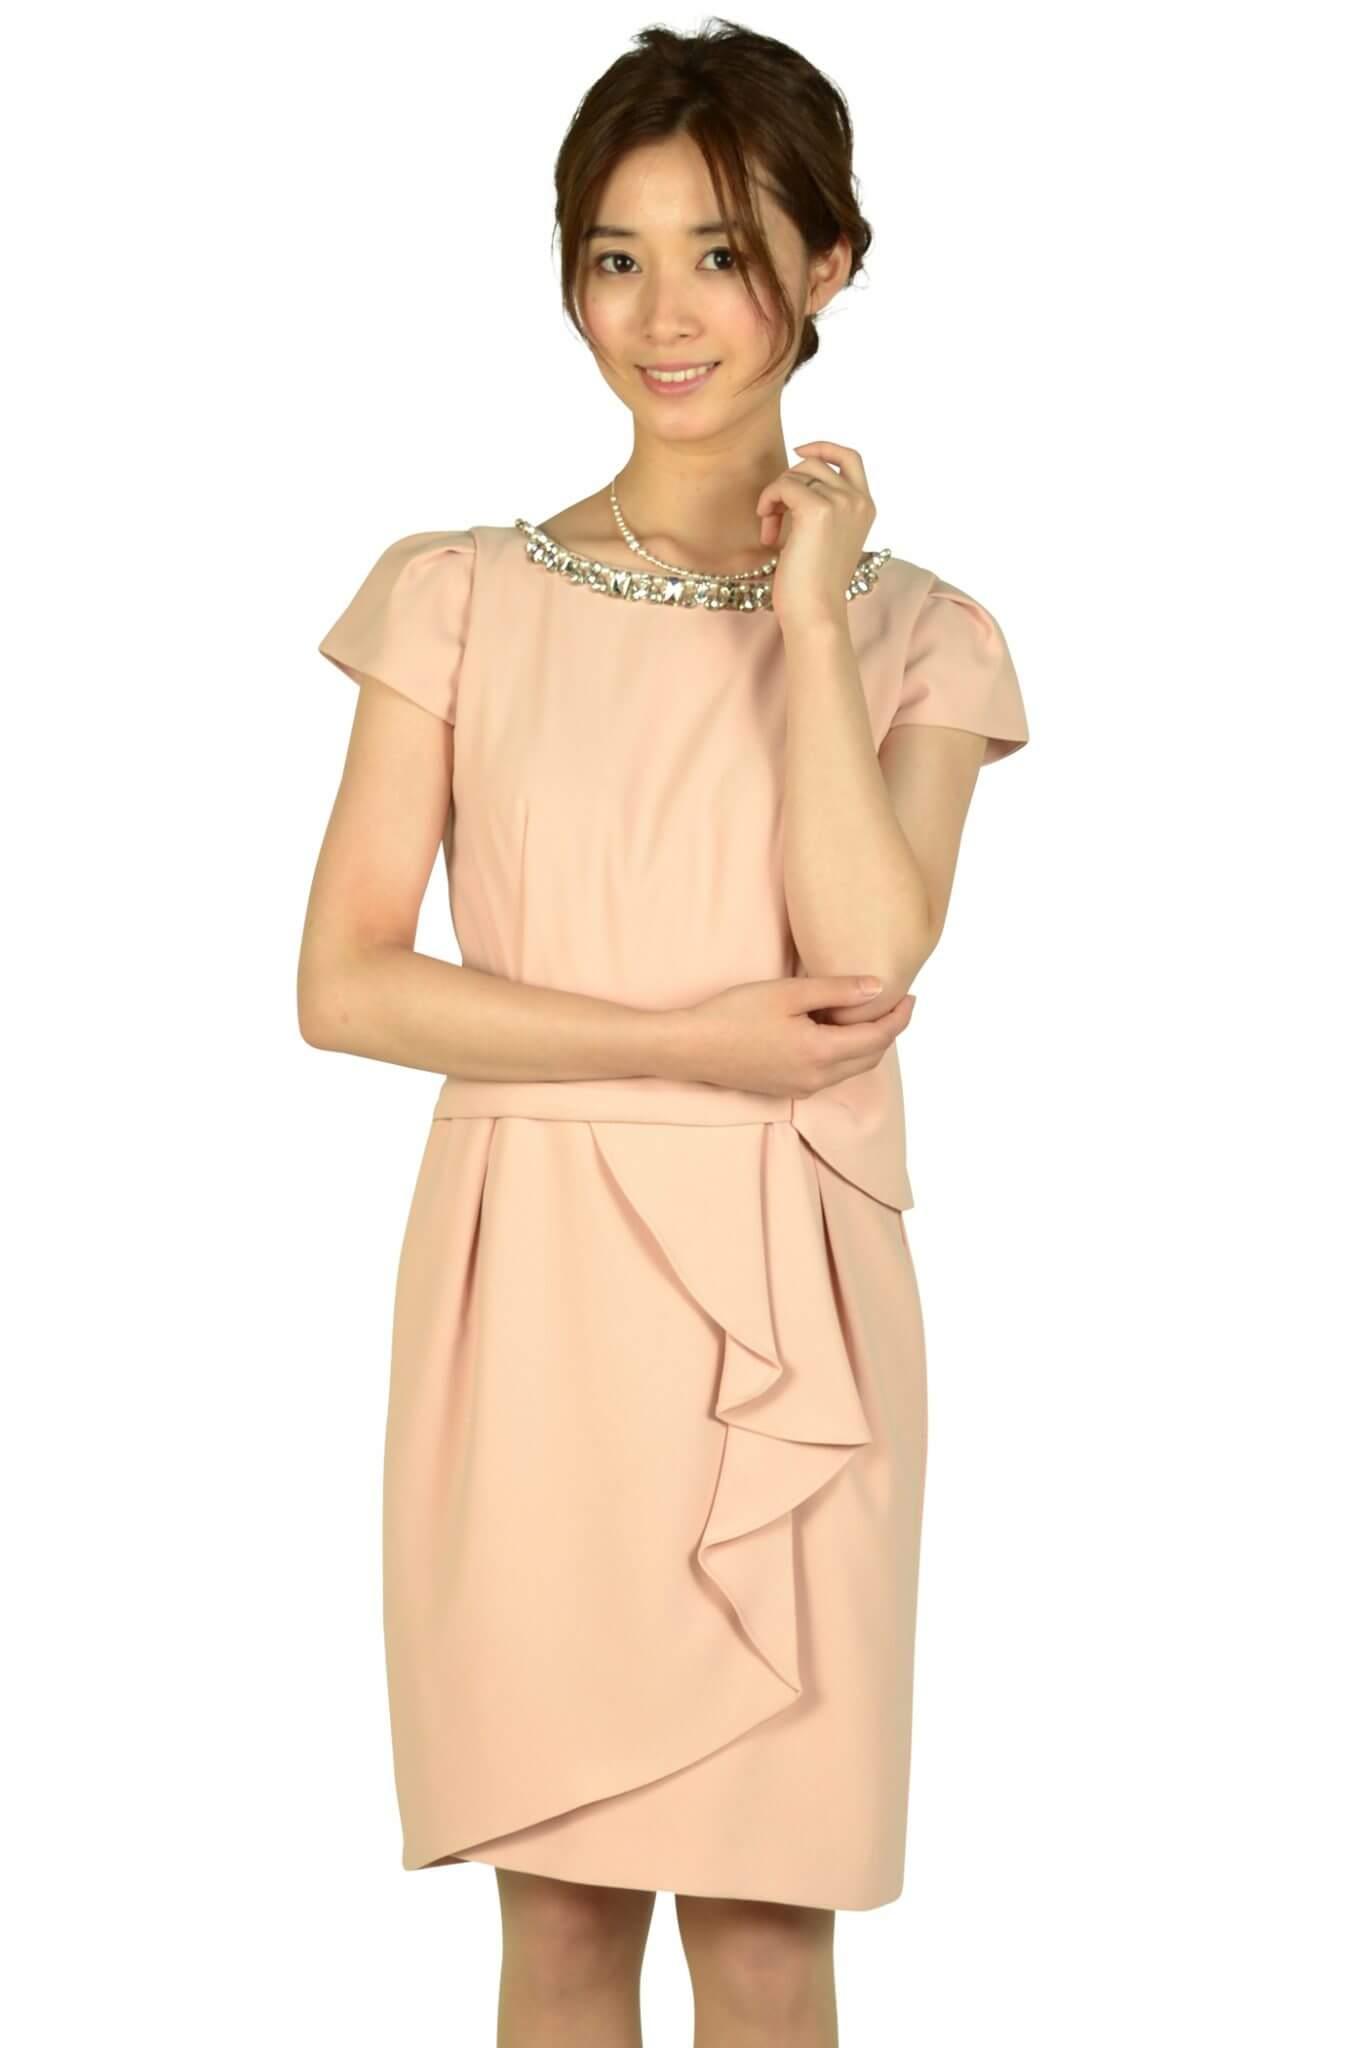 アプワイザー・リッシェ (Apuweiser-riche)ウエストタック袖付きピンクドレス